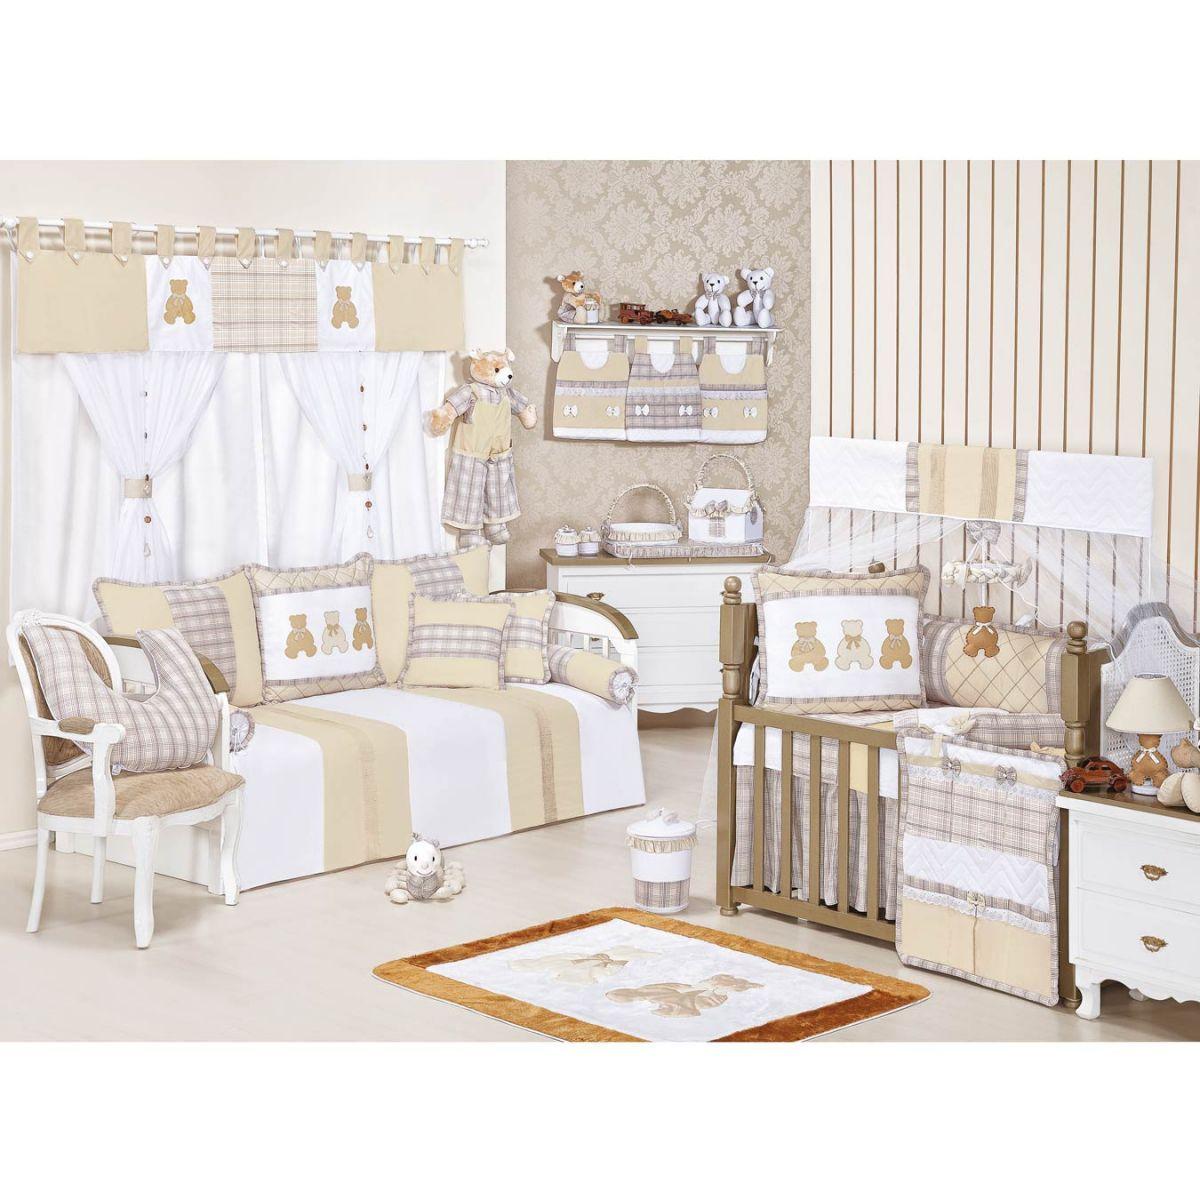 Móbile para Berço de Bebê Coleção Bears - Caqui